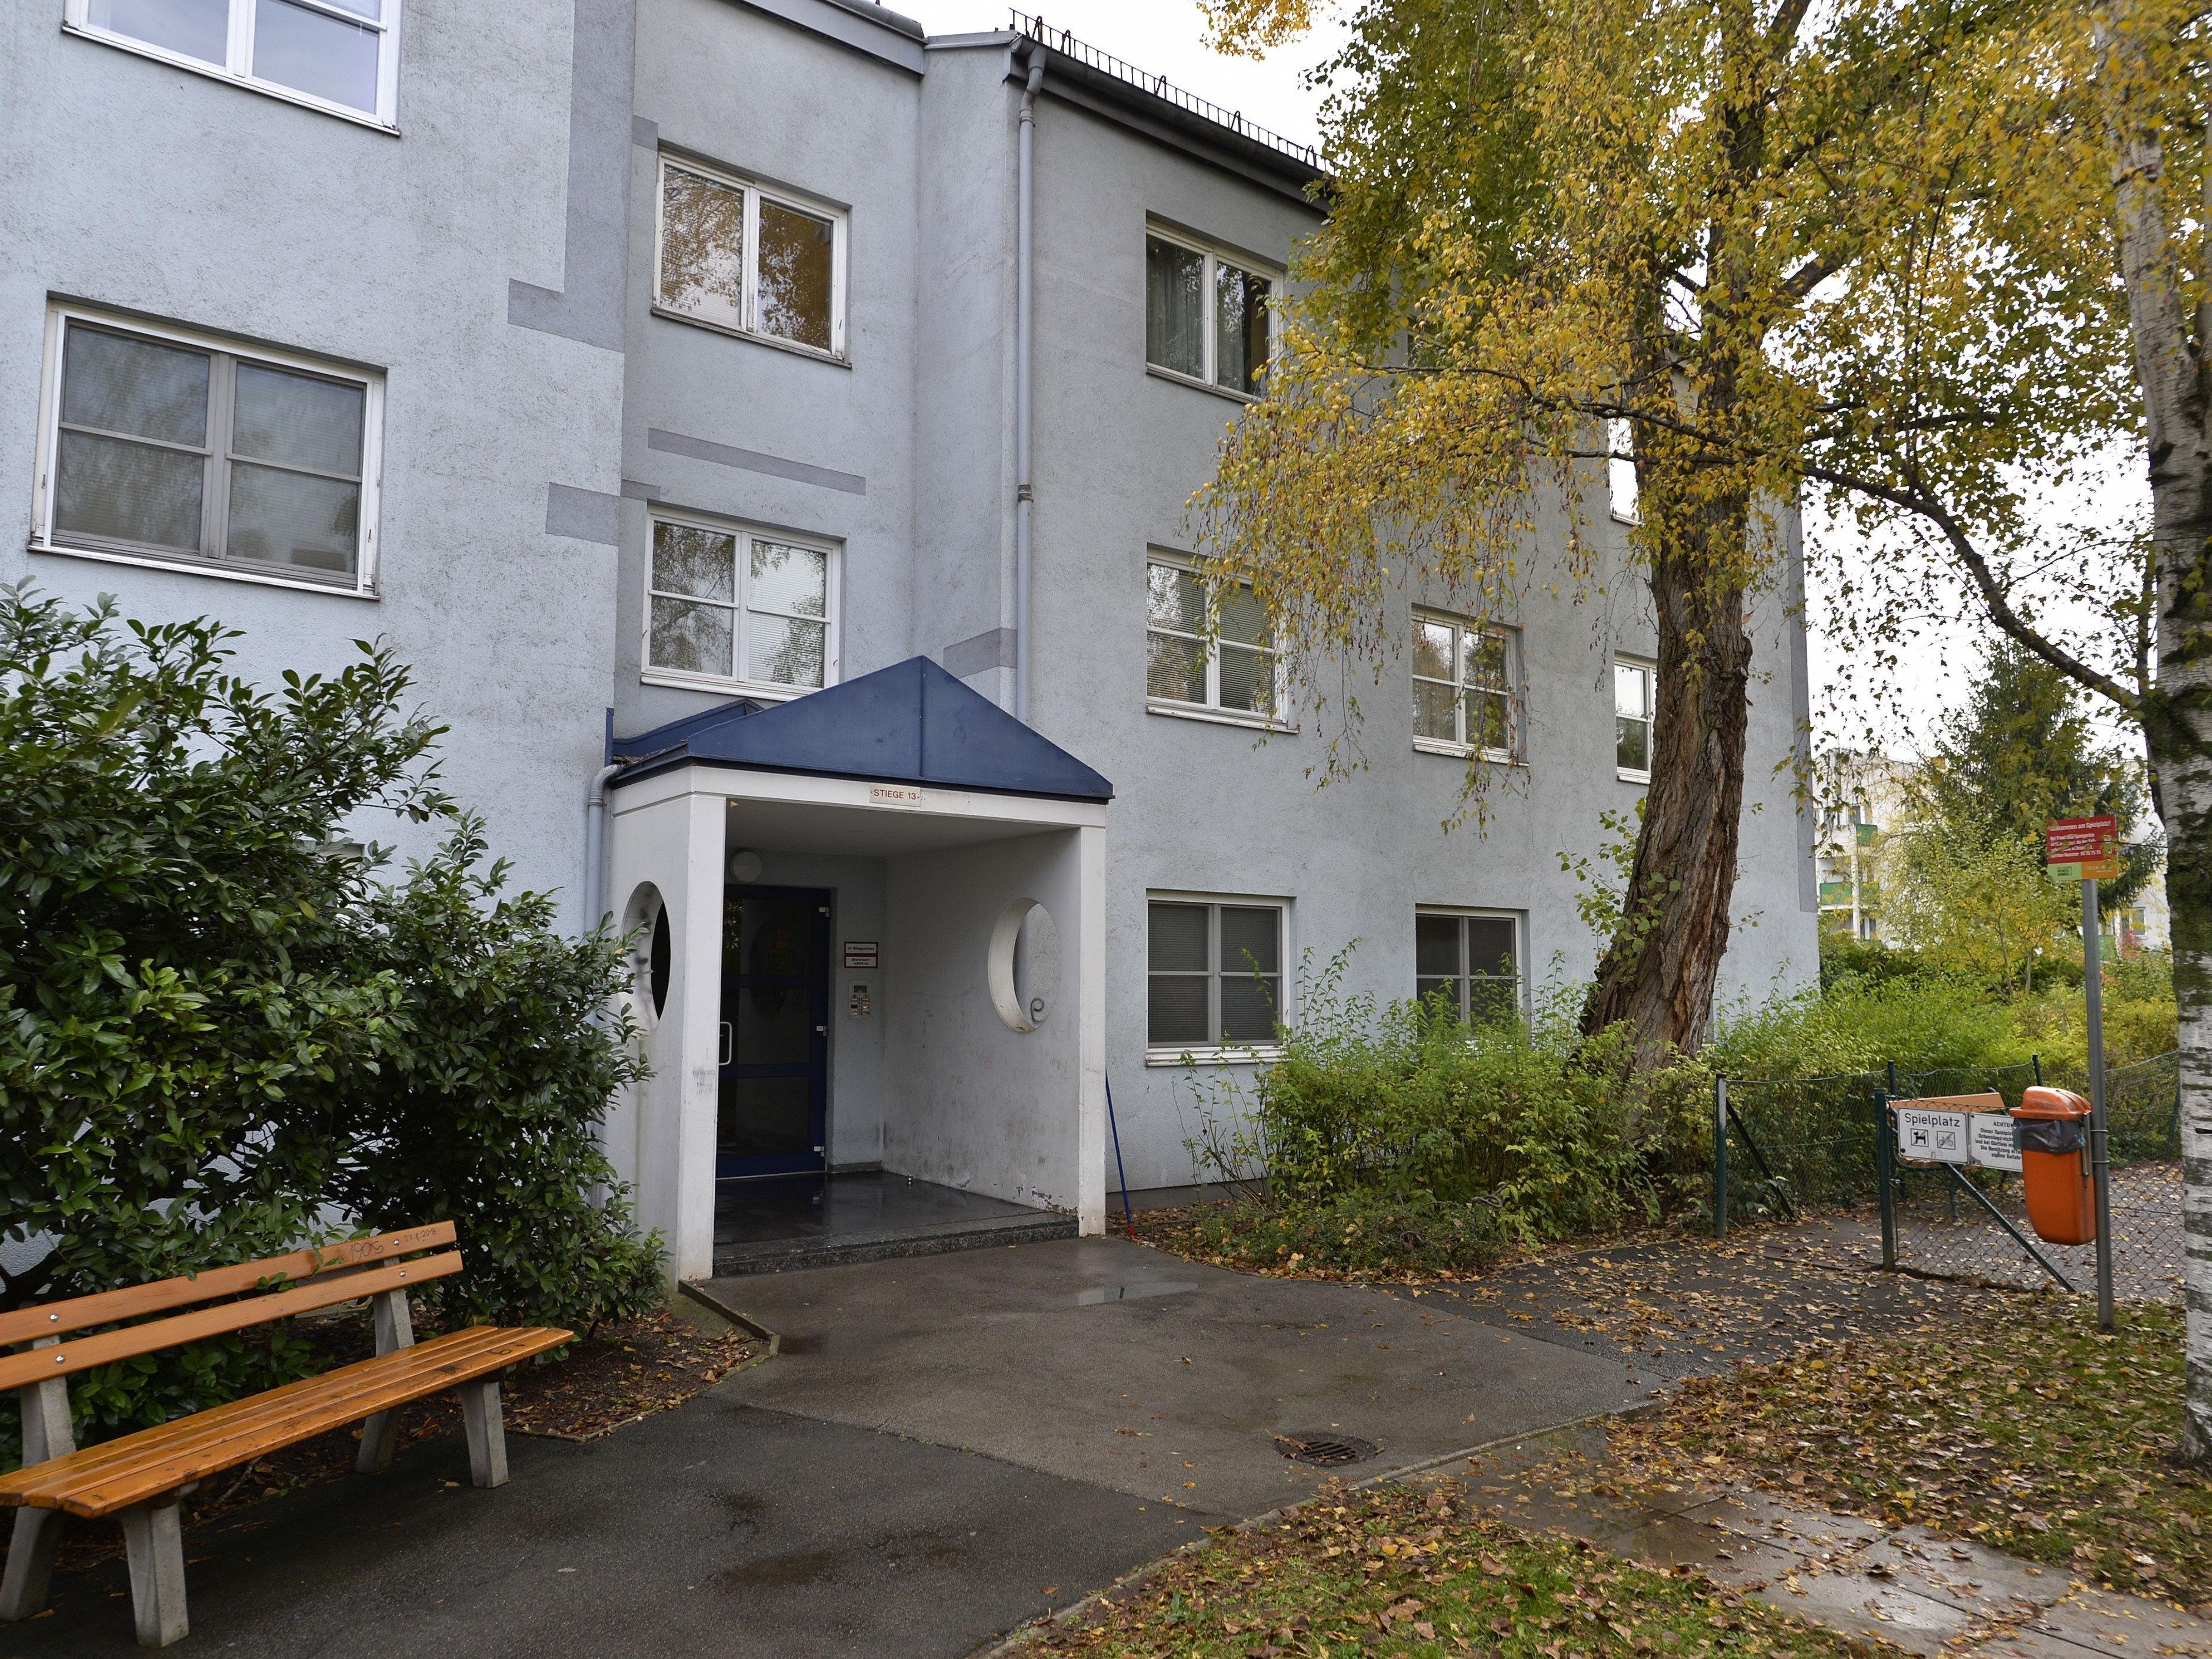 Am Tatort, der Wohnhausanlage in Liesing